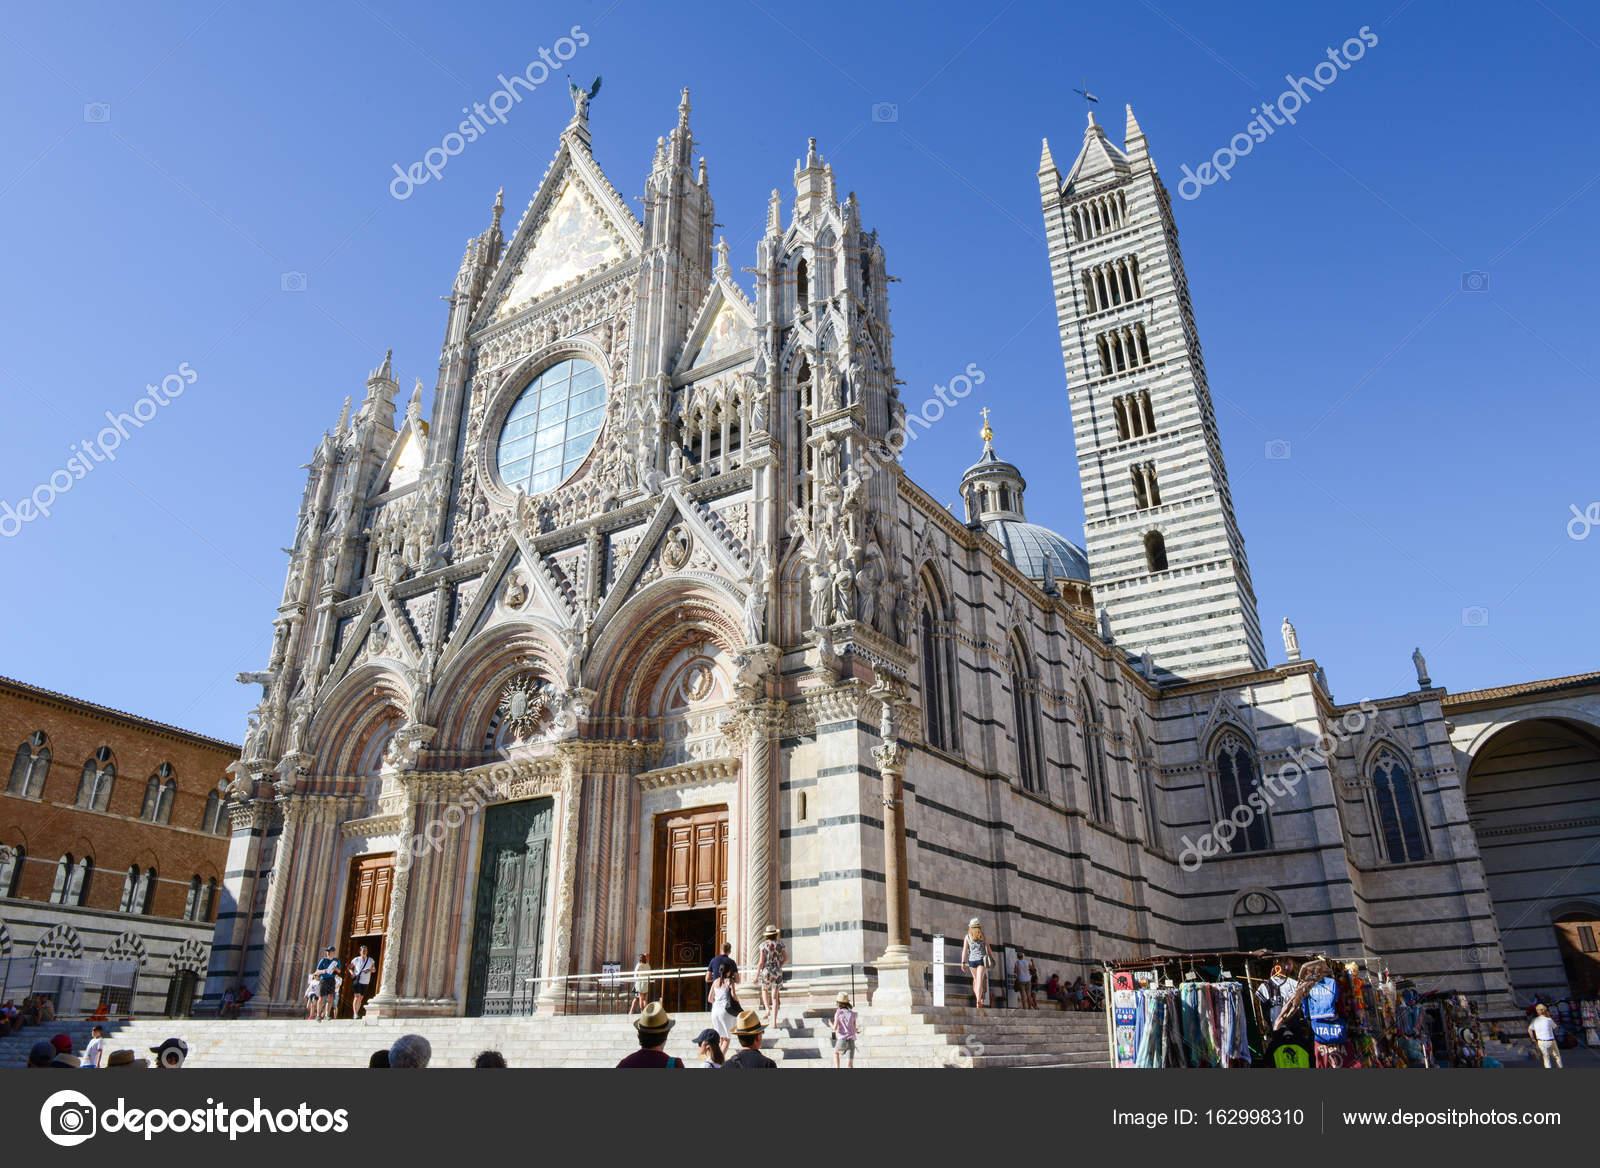 Kathedraal Van Siena.De Kathedraal Van Siena Op Italie Redactionele Stockfoto